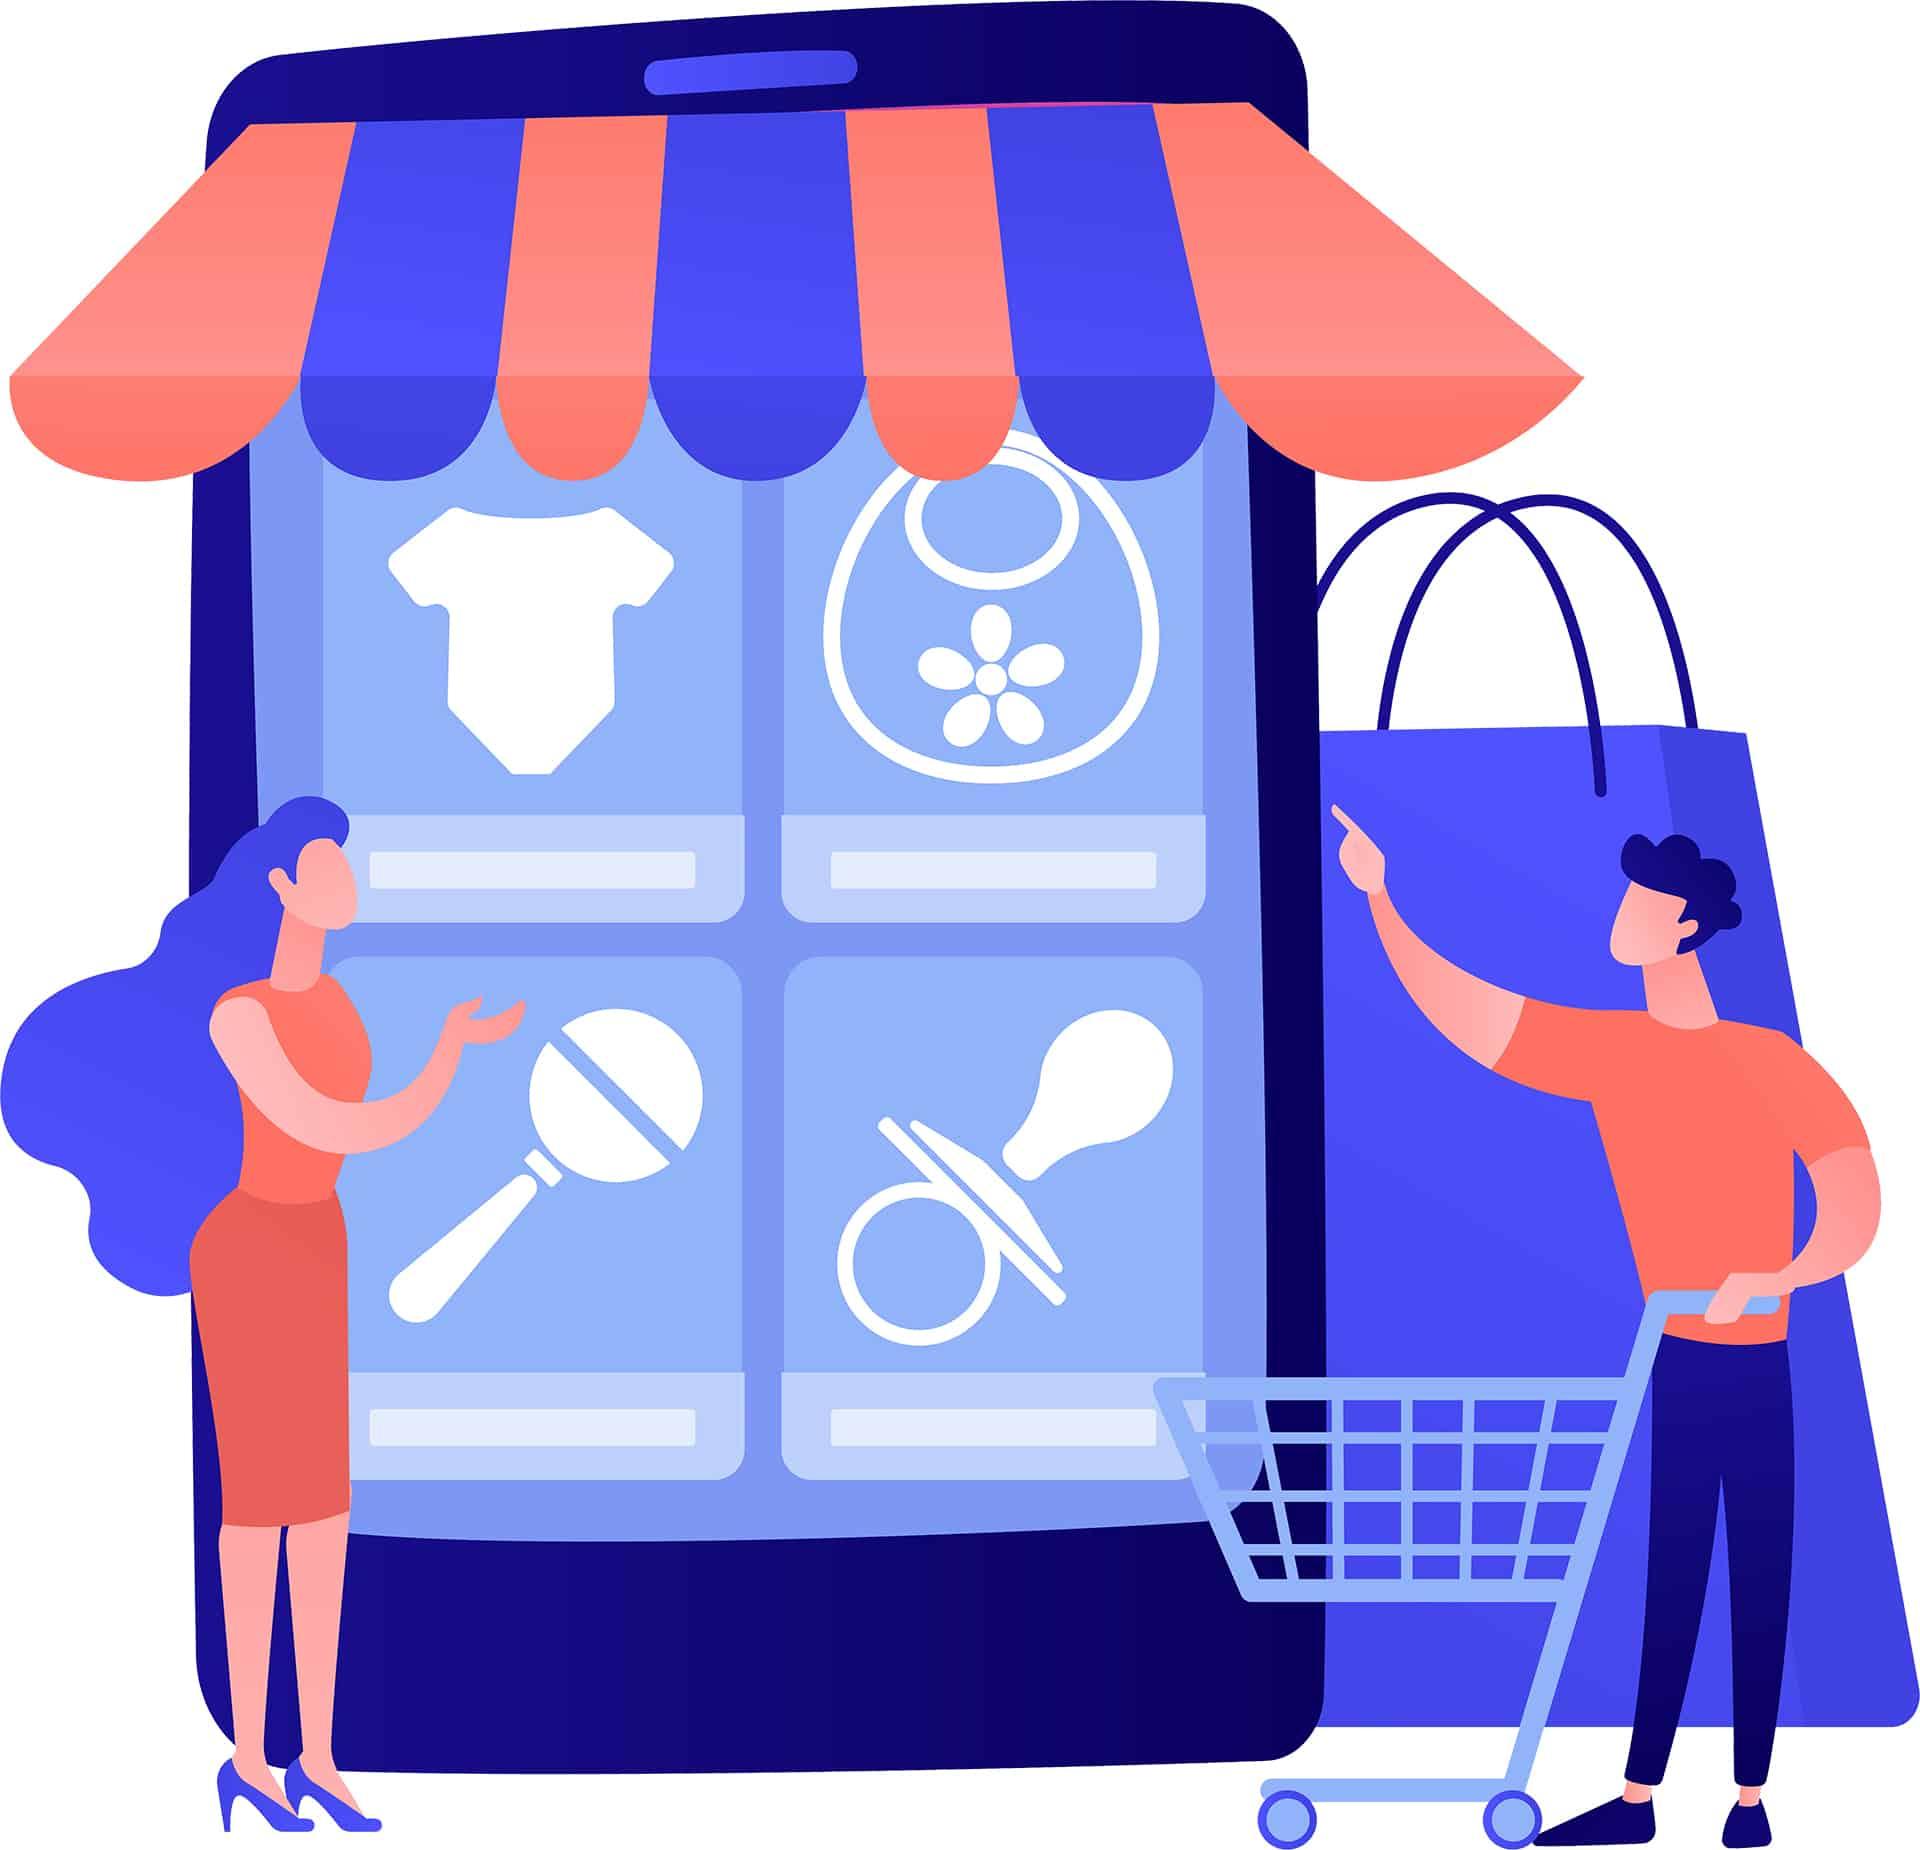 Online shopping vector concept metaphor